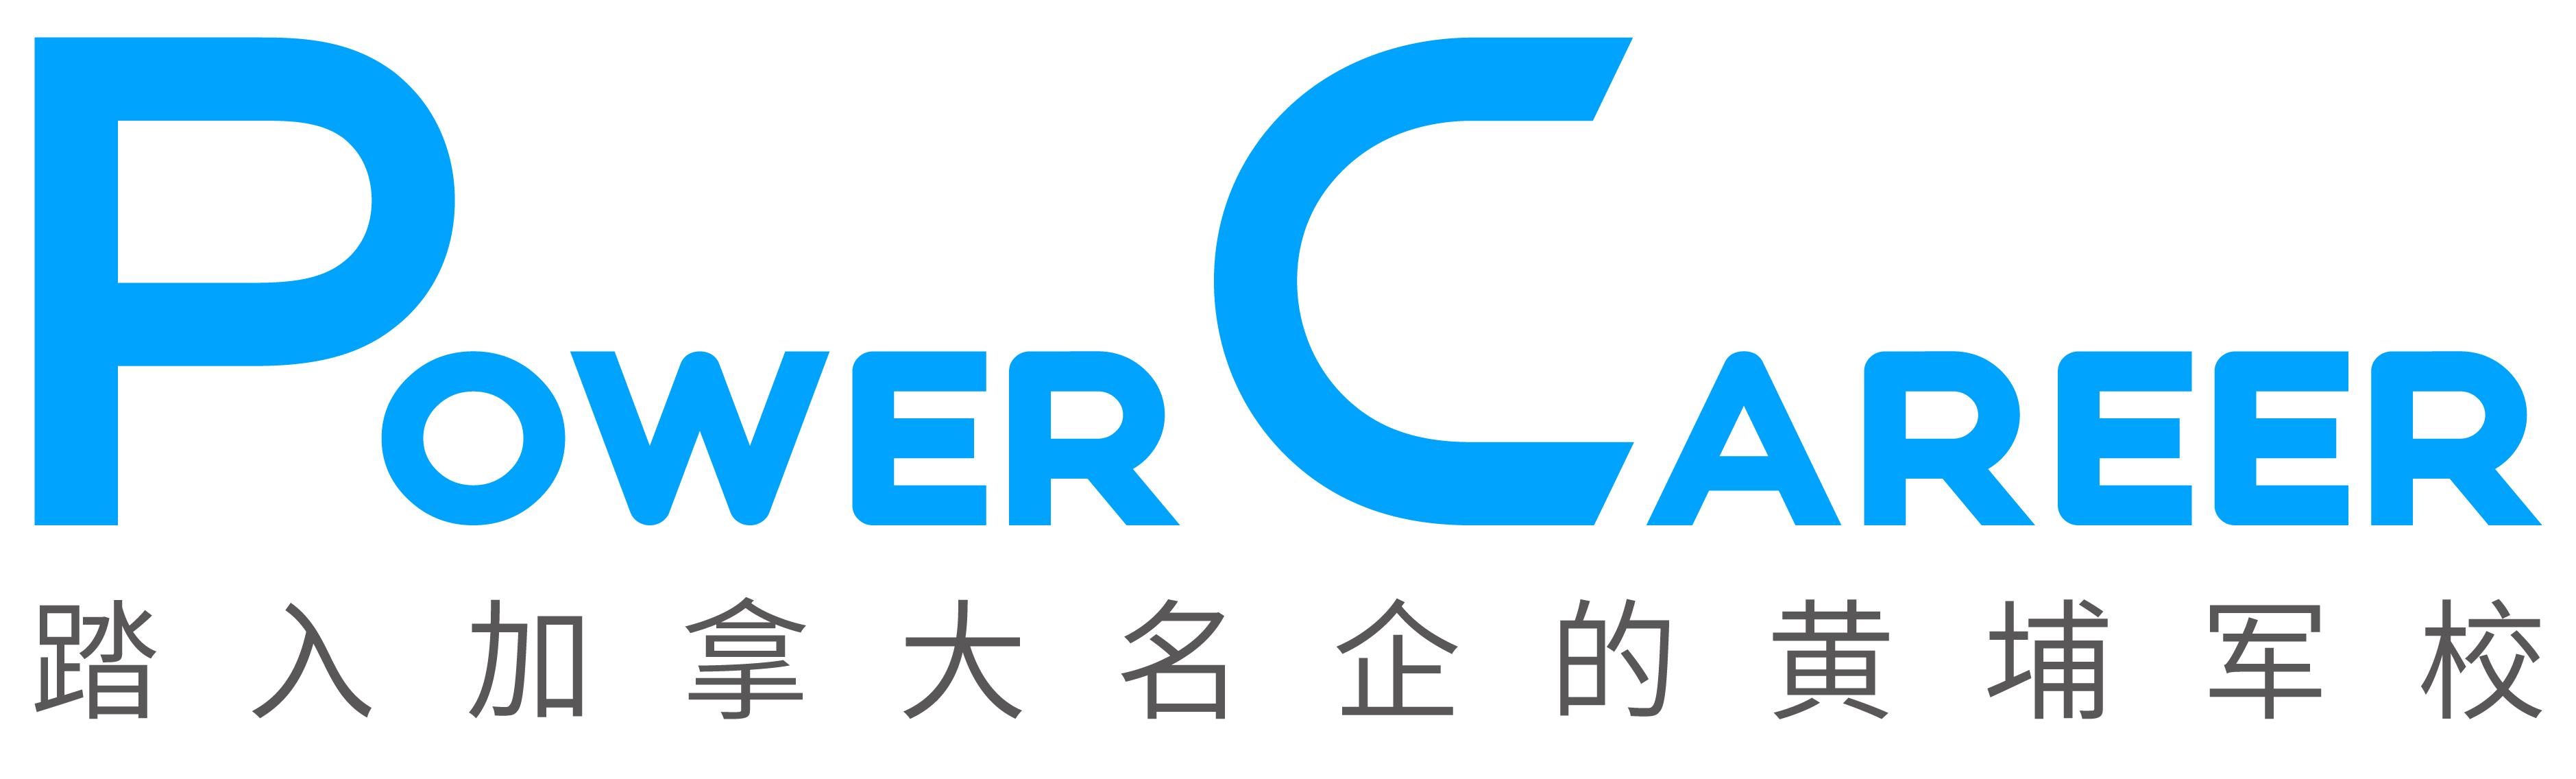 Power Career - 多伦多求职辅导,Toronto Power Career,Toronto Powercareer,加拿大找工作,加拿大找实习,加拿大招聘,简历修改,求职招聘